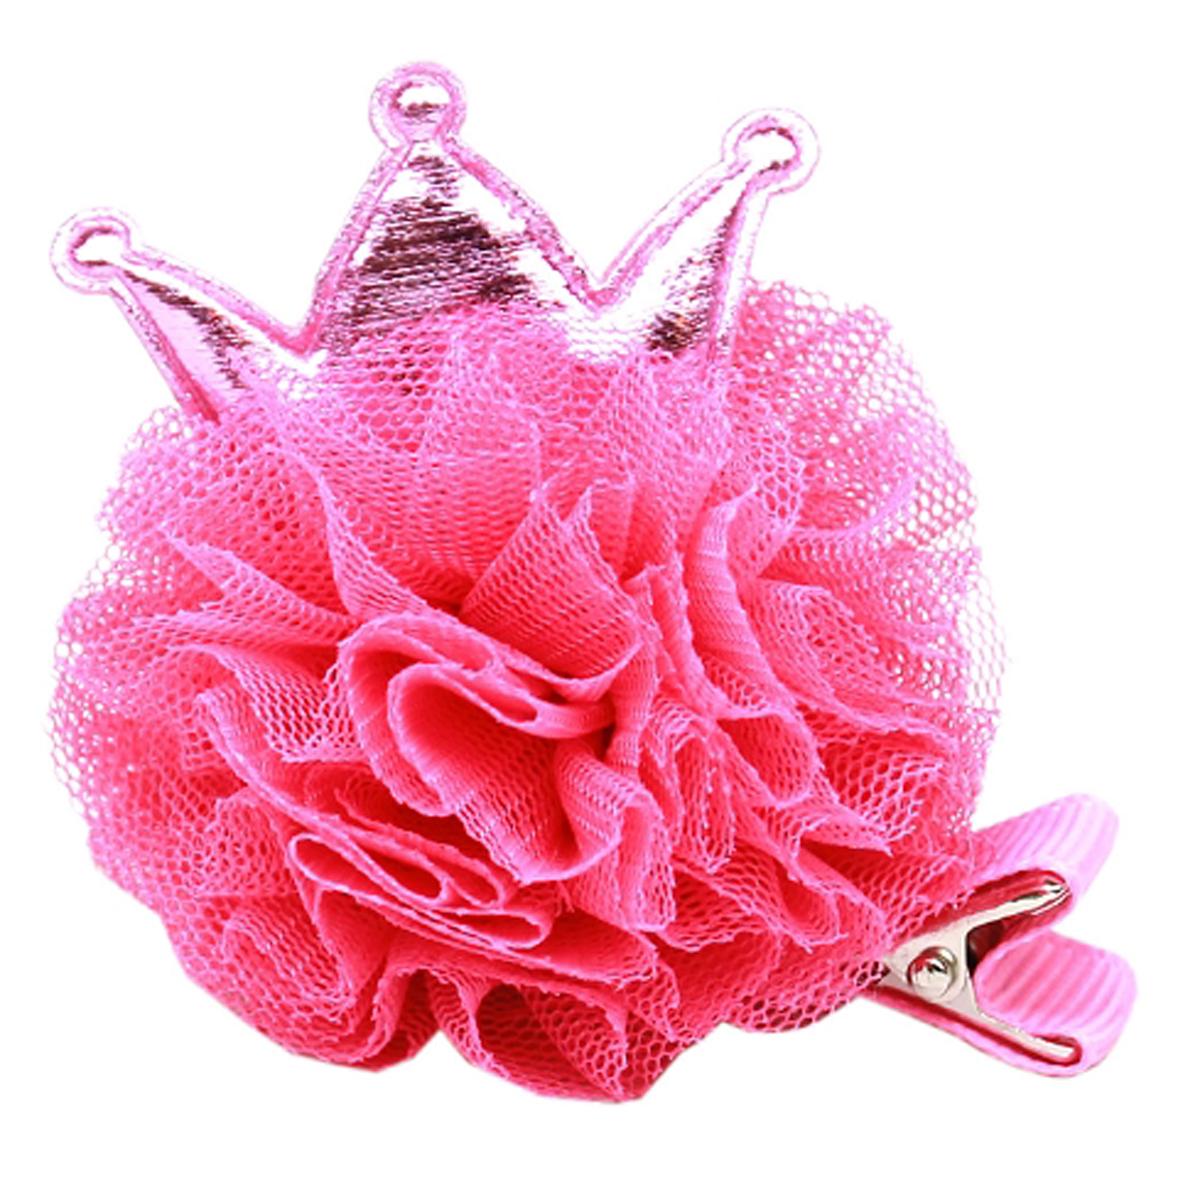 Princess Puff Dog Bow - Bright Pink